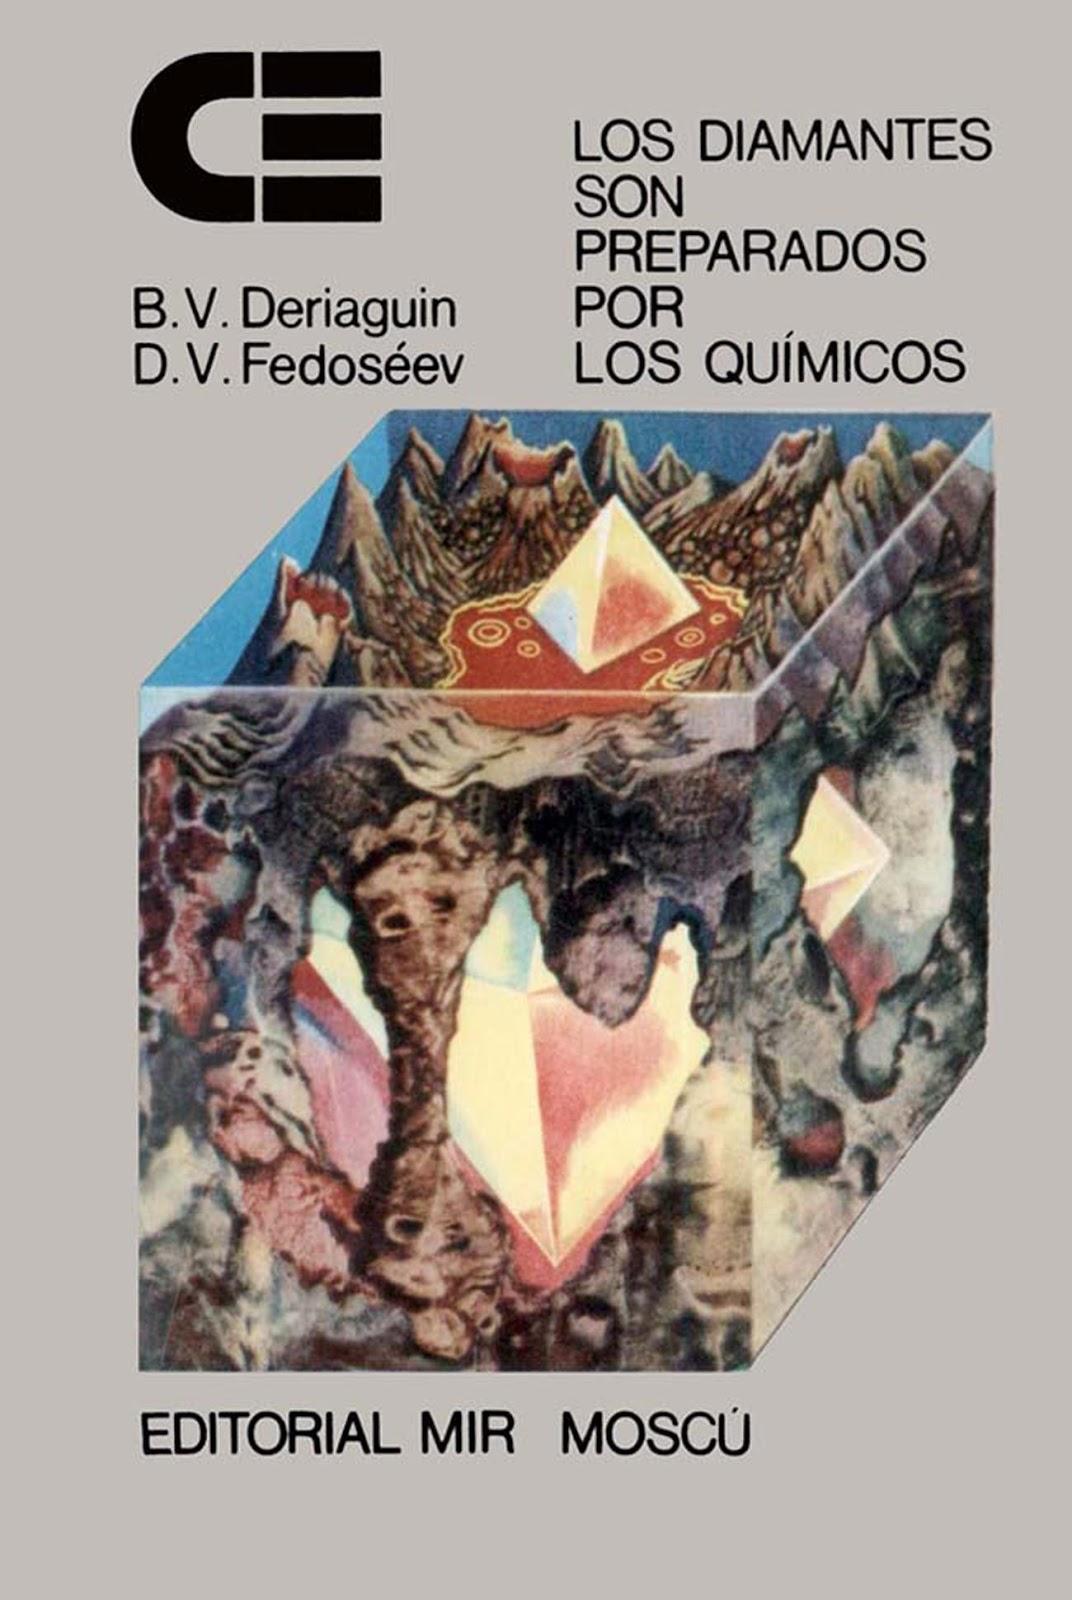 Los diamantes son preparados por los químicos – B. V. Deriaguin